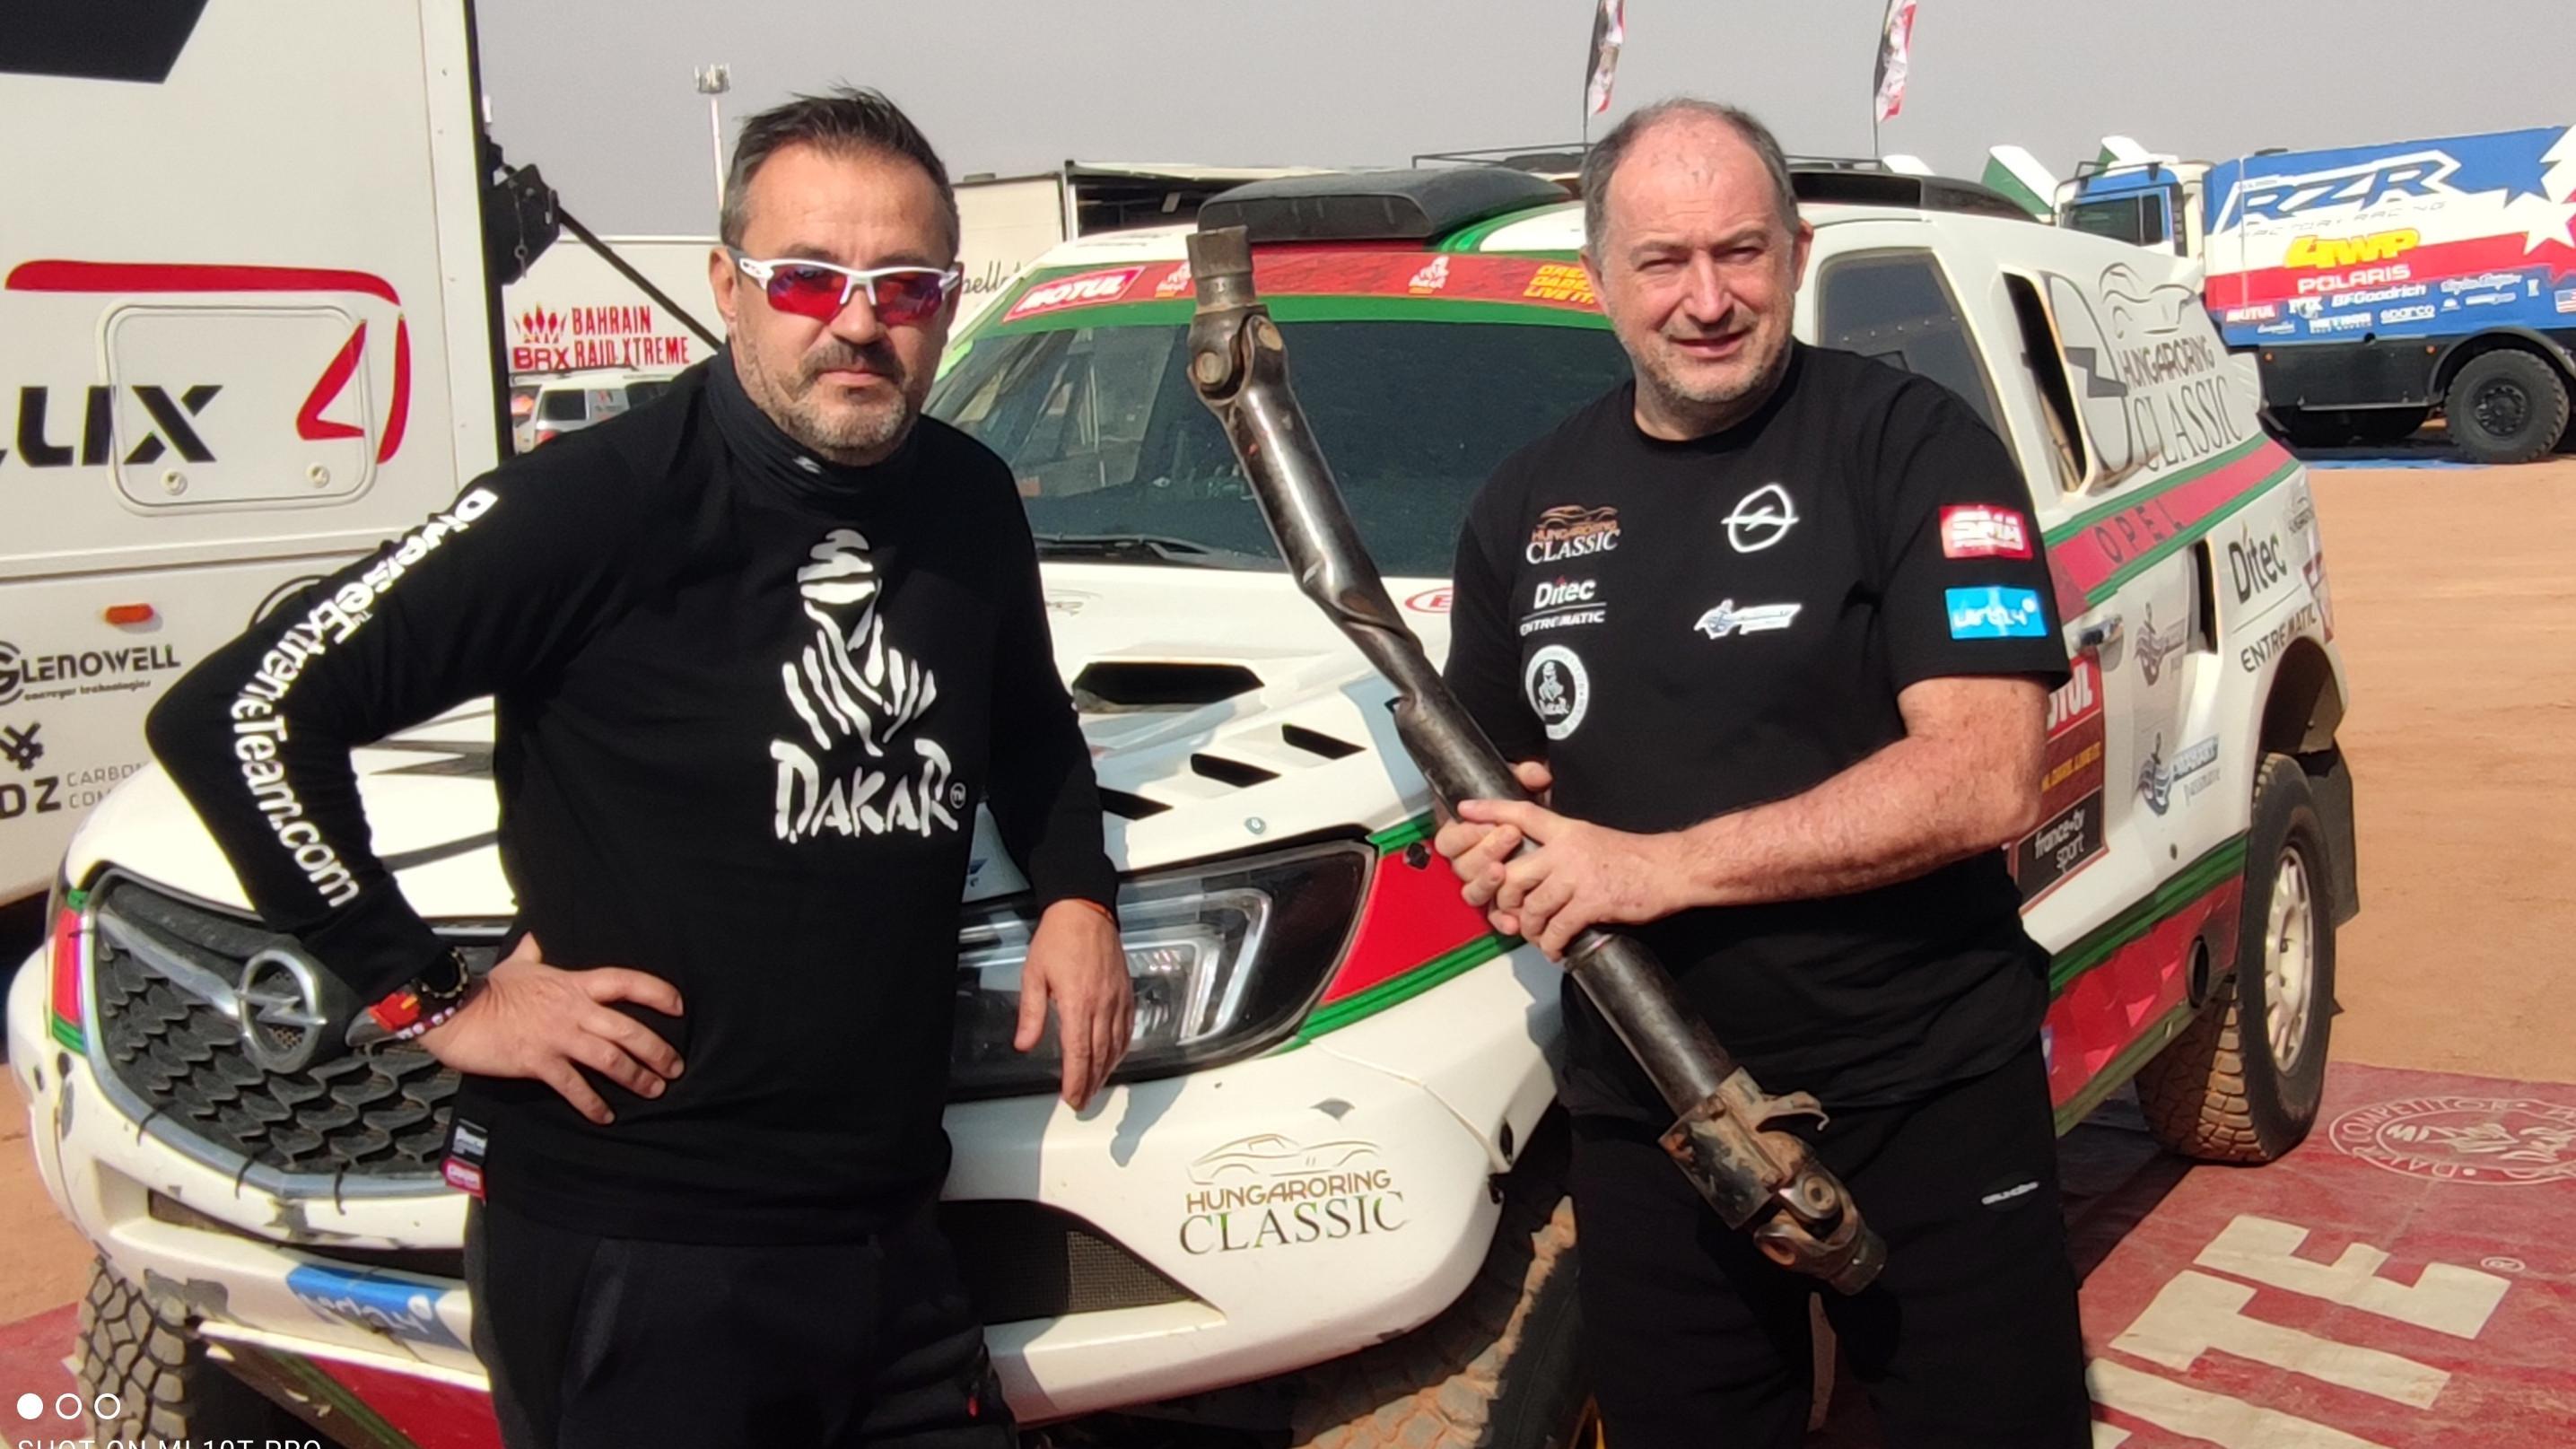 Szalay Balázsék feladták a Dakart